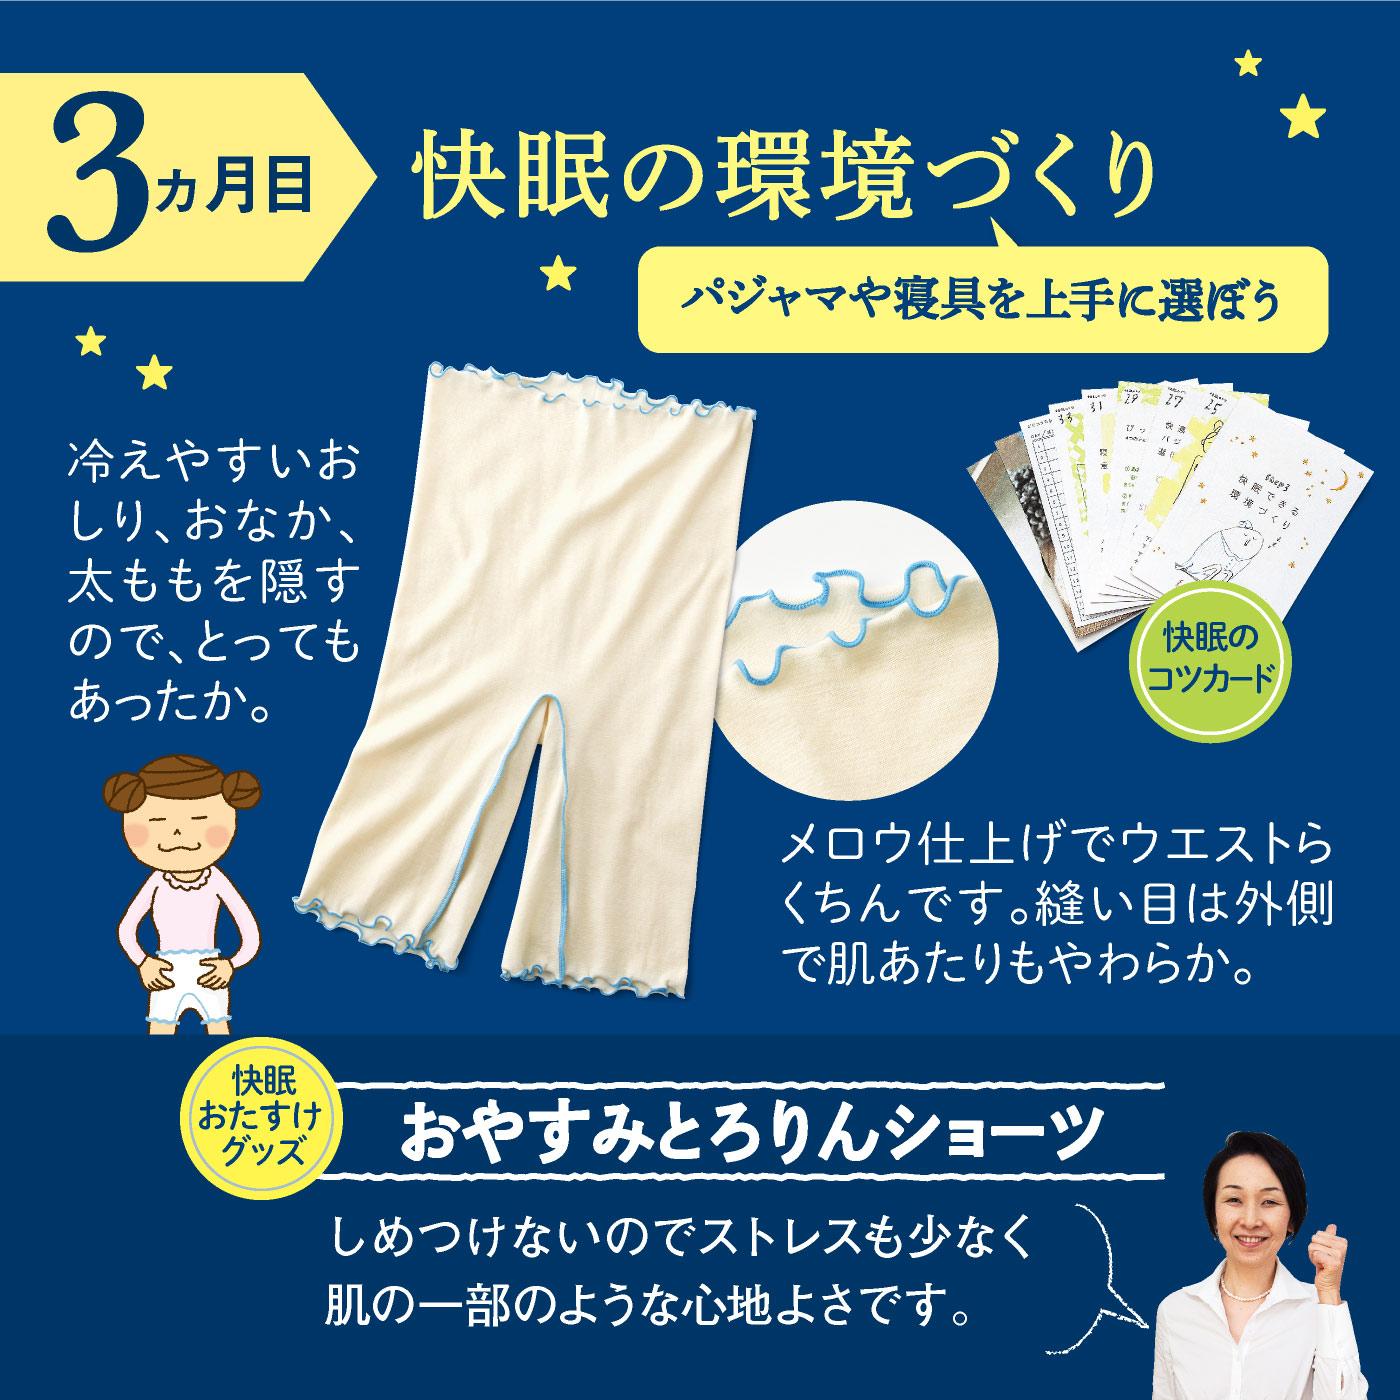 3ヵ月目 快眠の環境づくり。快眠おたすけグッズ/おやすみとろりんショーツ ショーツ1枚 ■素材/綿40%・レーヨン40%・ナイロン10%・絹5%・ポリウレタン5% ※洗濯機洗い可 ■サイズ/わたり幅約17.5cm、また下丈約23cm(レディースM〜LLサイズ対応)(日本製)